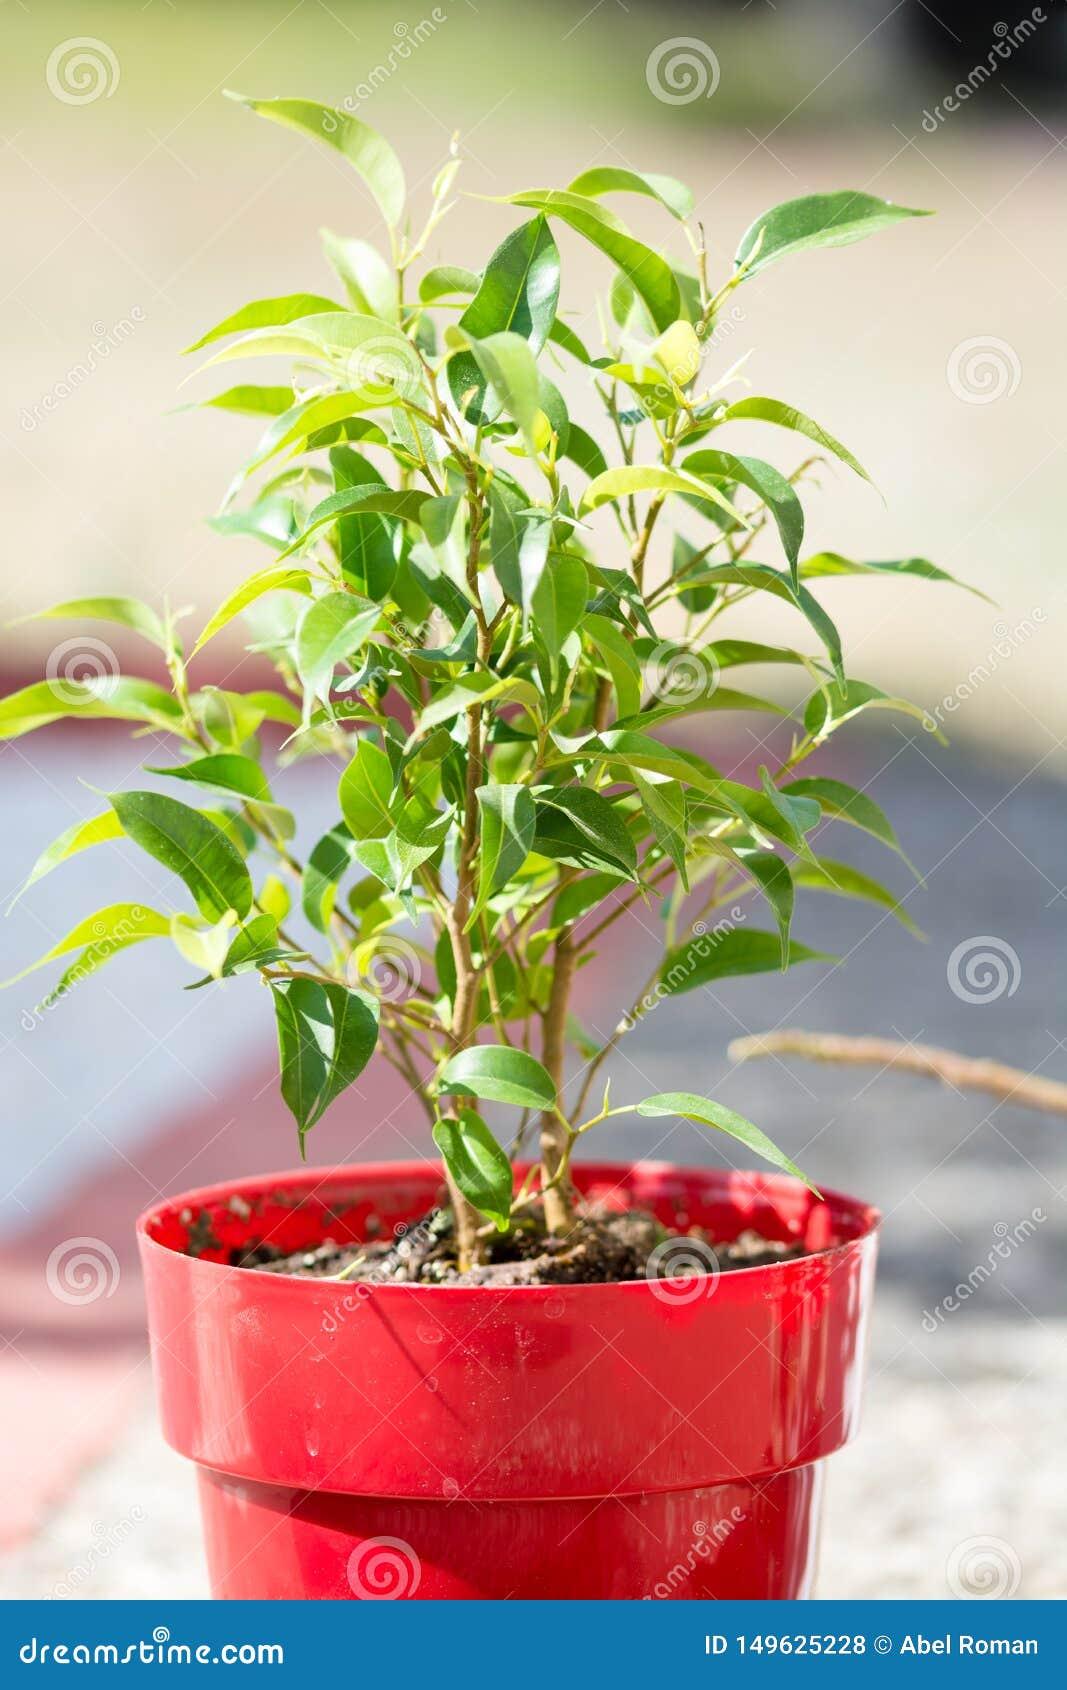 Planta verde con muchas hojas en un pote rojo